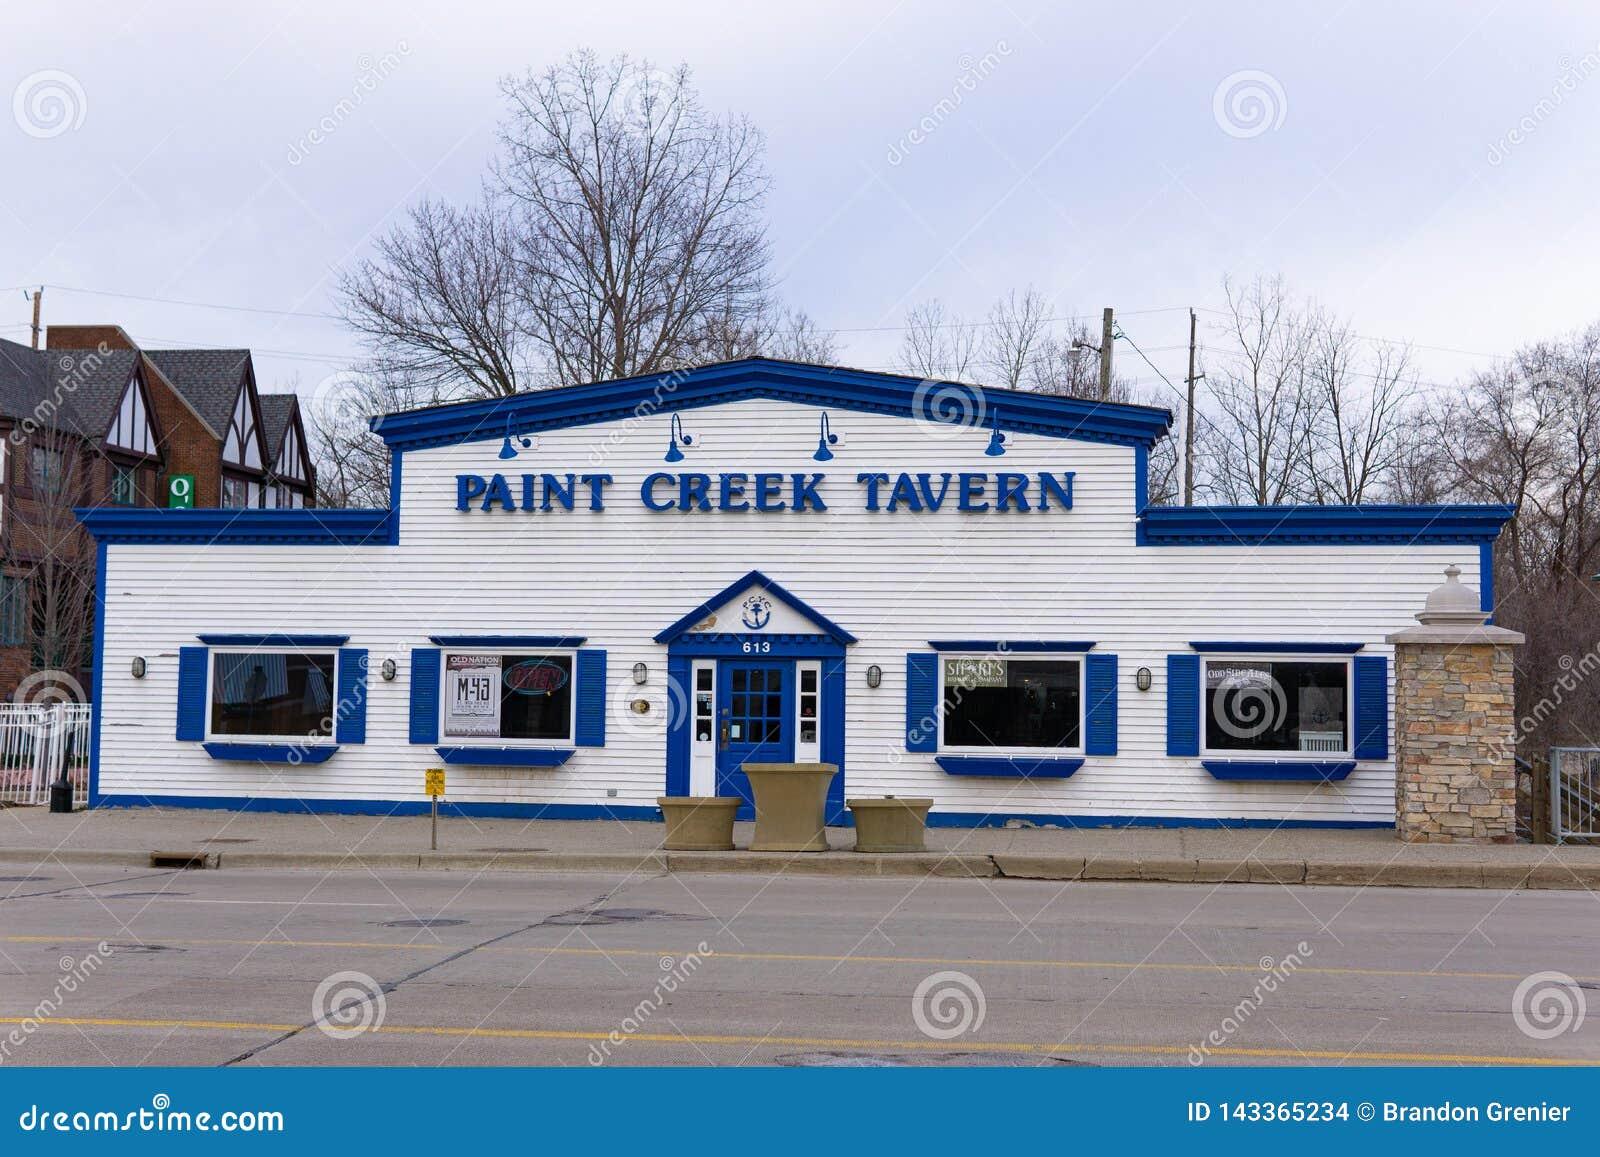 Farben-Nebenfluss-Taverne, im Stadtzentrum gelegenes Rochester Michigan